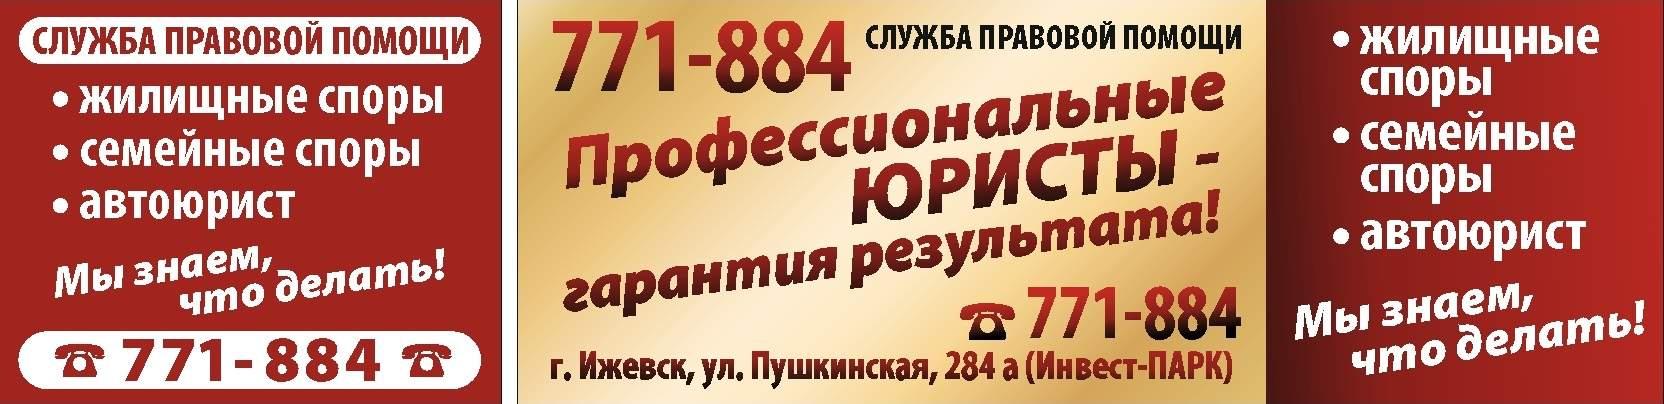 Образец Рекламы Адвоката